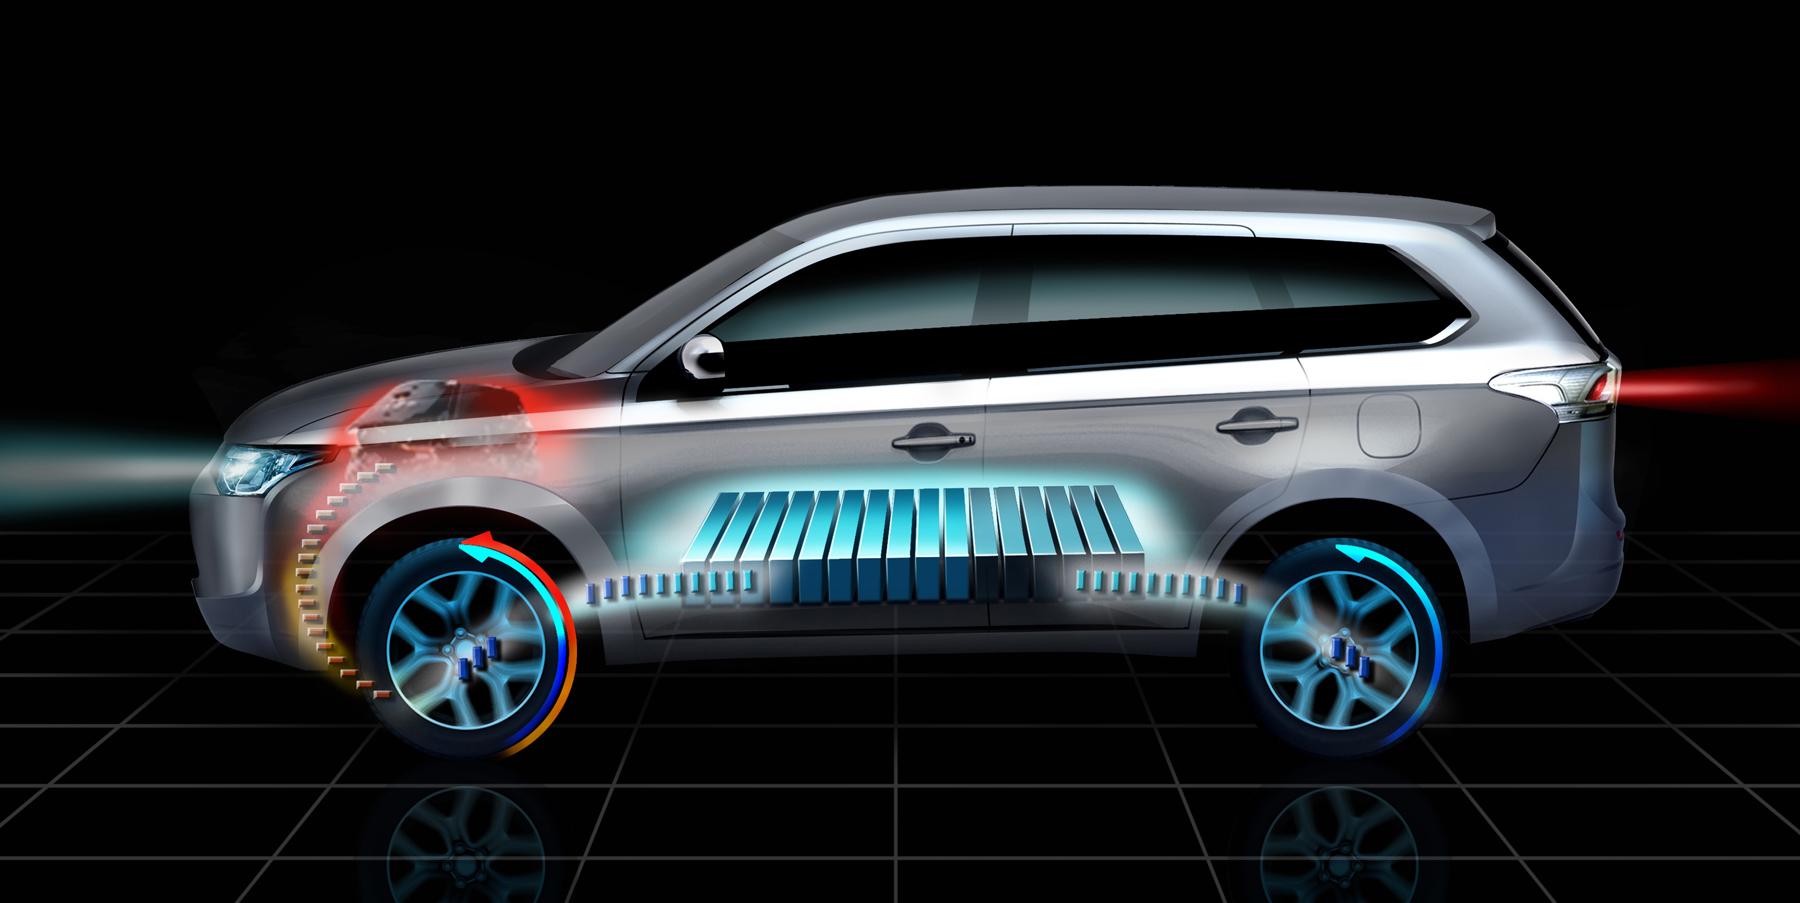 mitsubishi outlander plug in hybrid us debut delayed until 2015 autoevolution. Black Bedroom Furniture Sets. Home Design Ideas